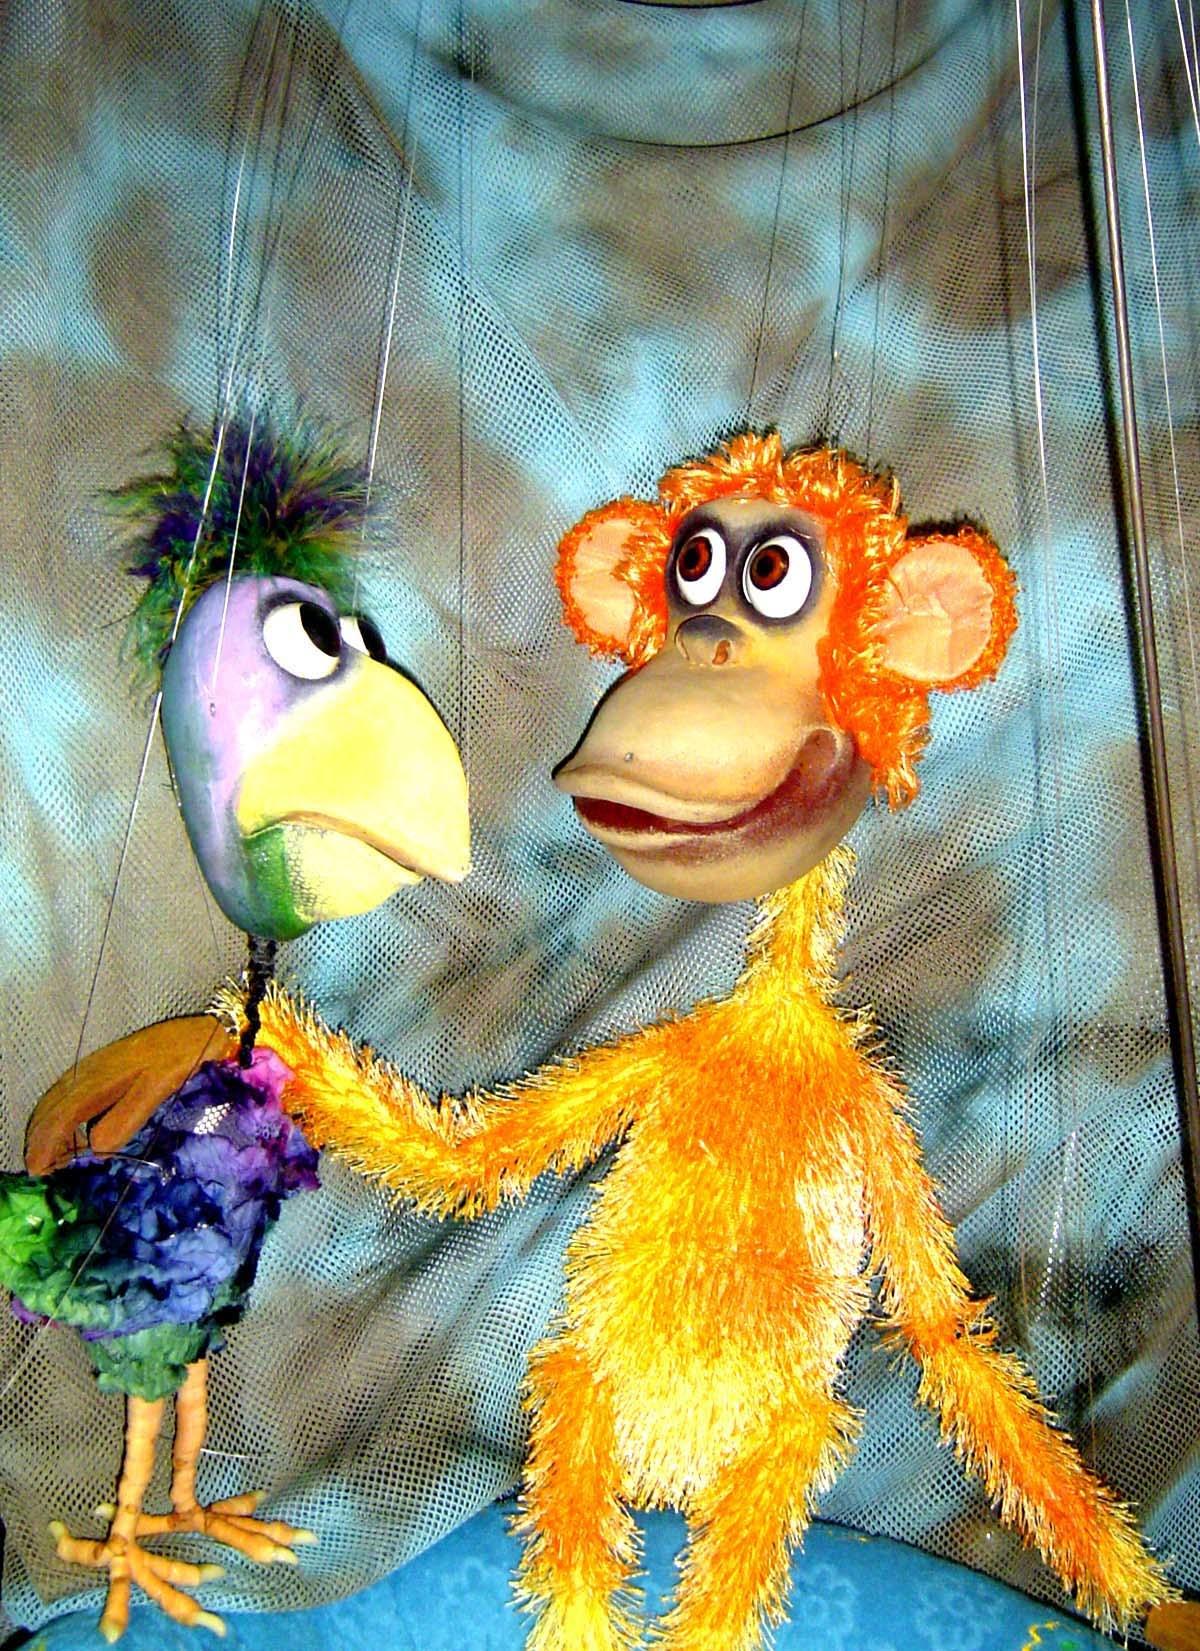 PuppetART-monkey-parrot-banana-for-turtle-04.jpg